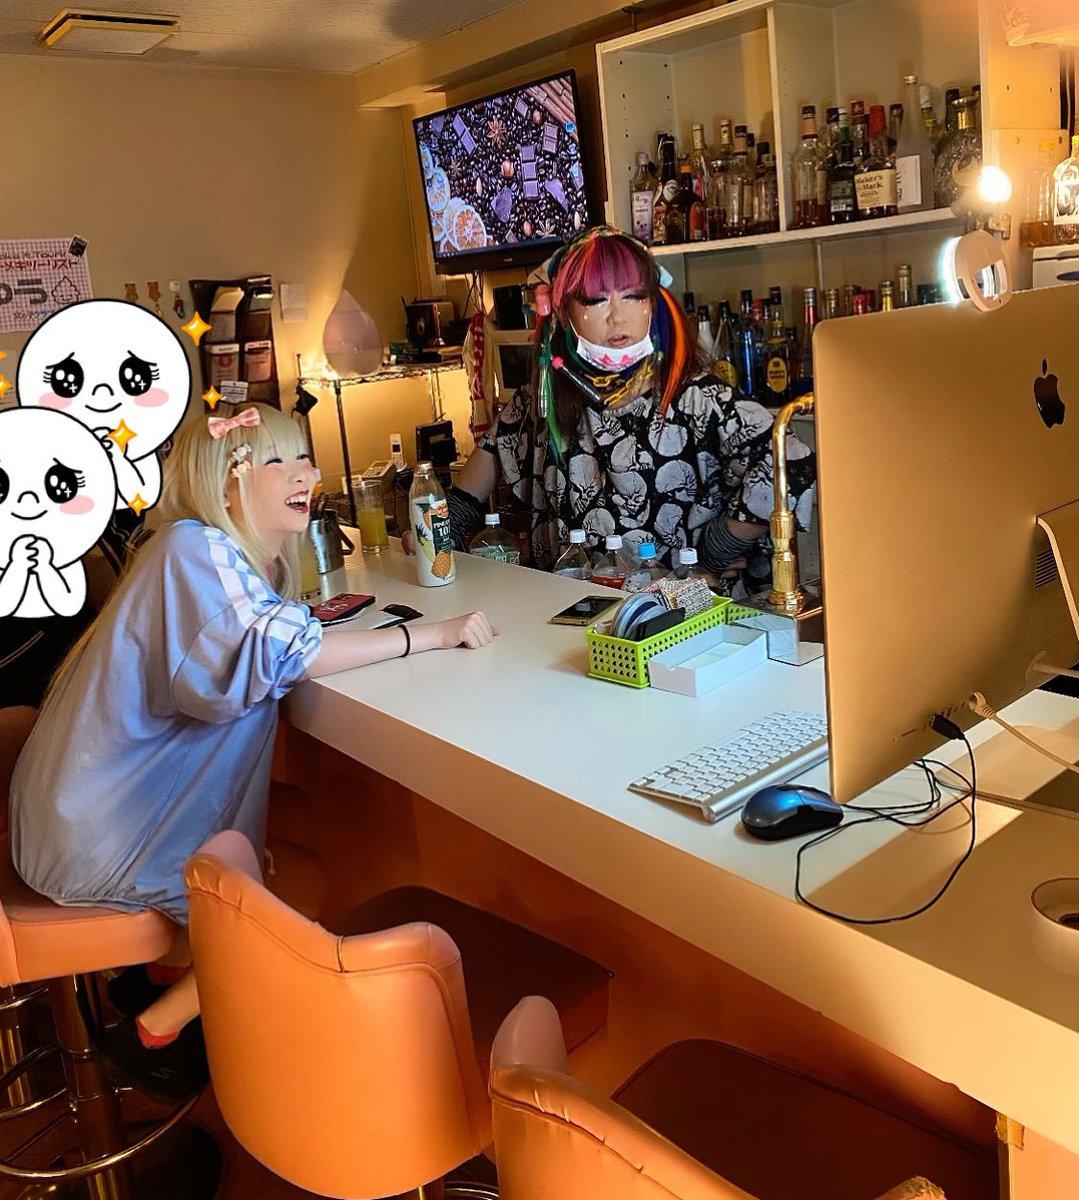 昨日も「女の子クラブオンライン」のご利用いただきありがとうございました!昨日もお店のお客様とスタッフ、オンライン上のお客様、皆で笑い合いました😊また本日も19〜24時でお店&女の子クラブオンライン(4日目)します😊女の子クラブオンラインご利用される方はこちらから💁♀️